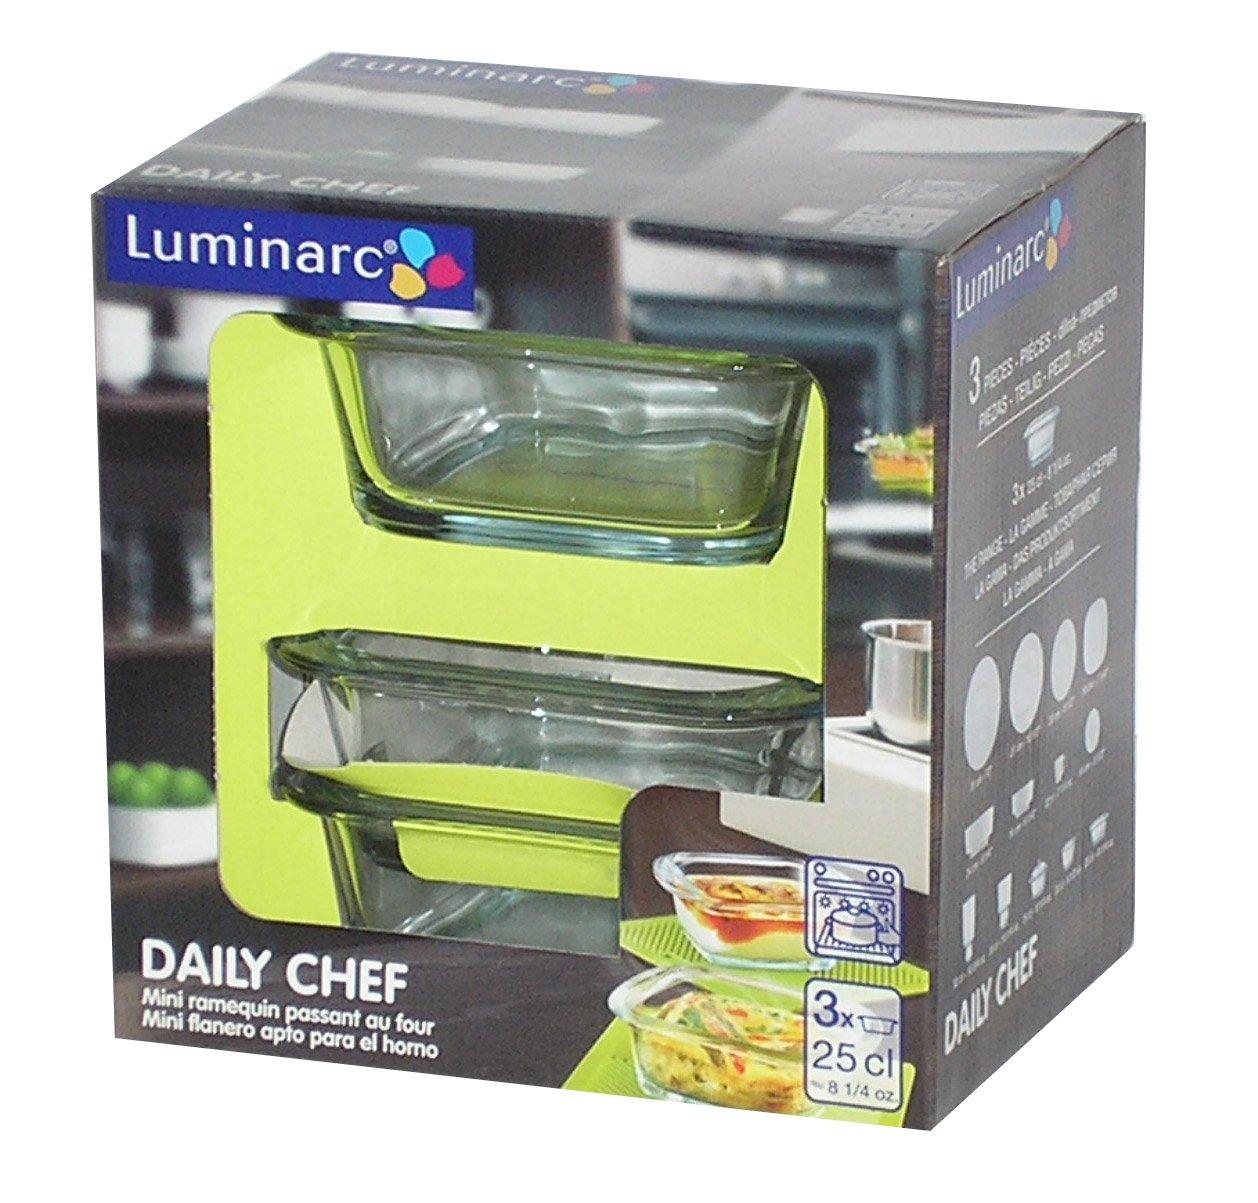 Luminarc Set 2 Asadores/Flaneros Mini 25 Cl Modelo Daily Chef ...